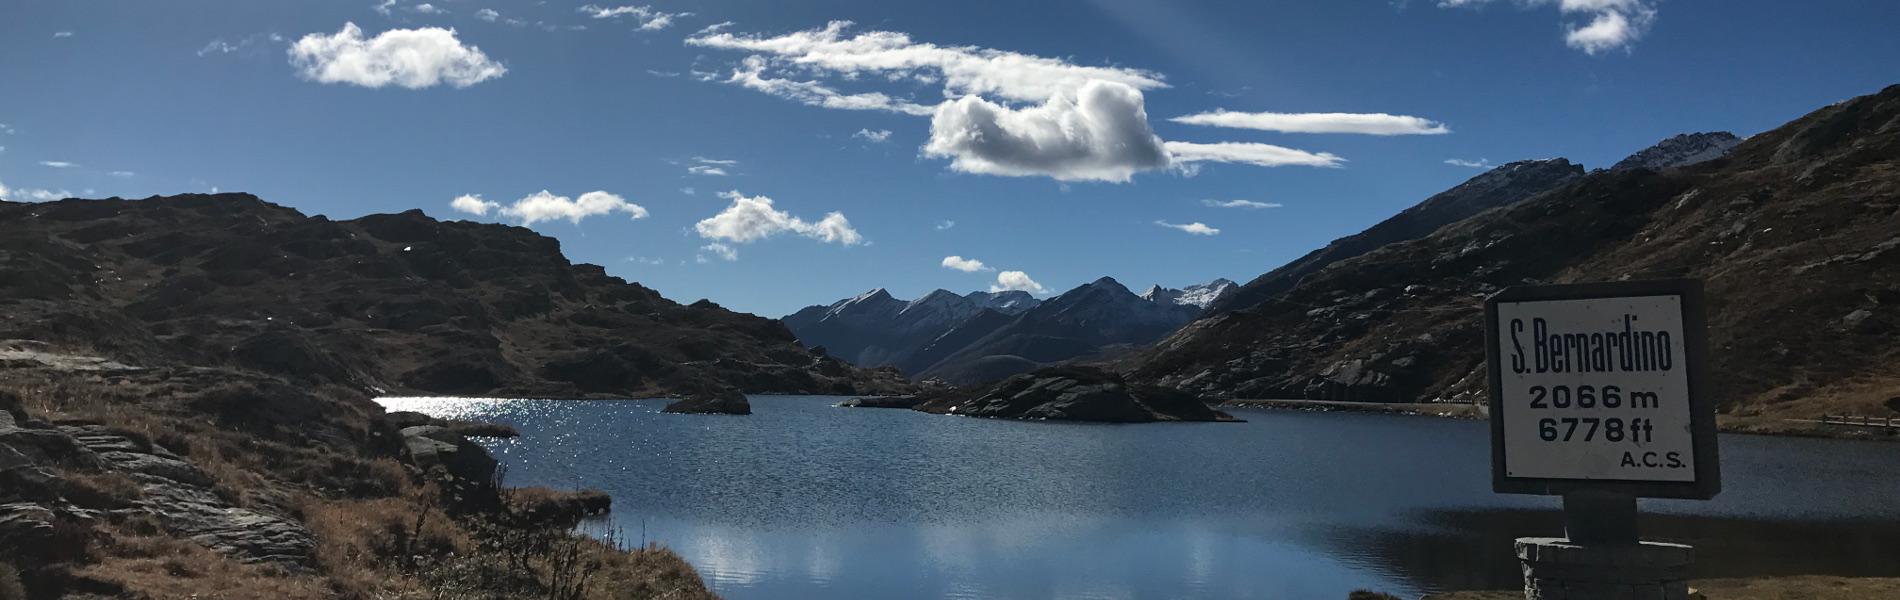 harleytour_lago1.jpg